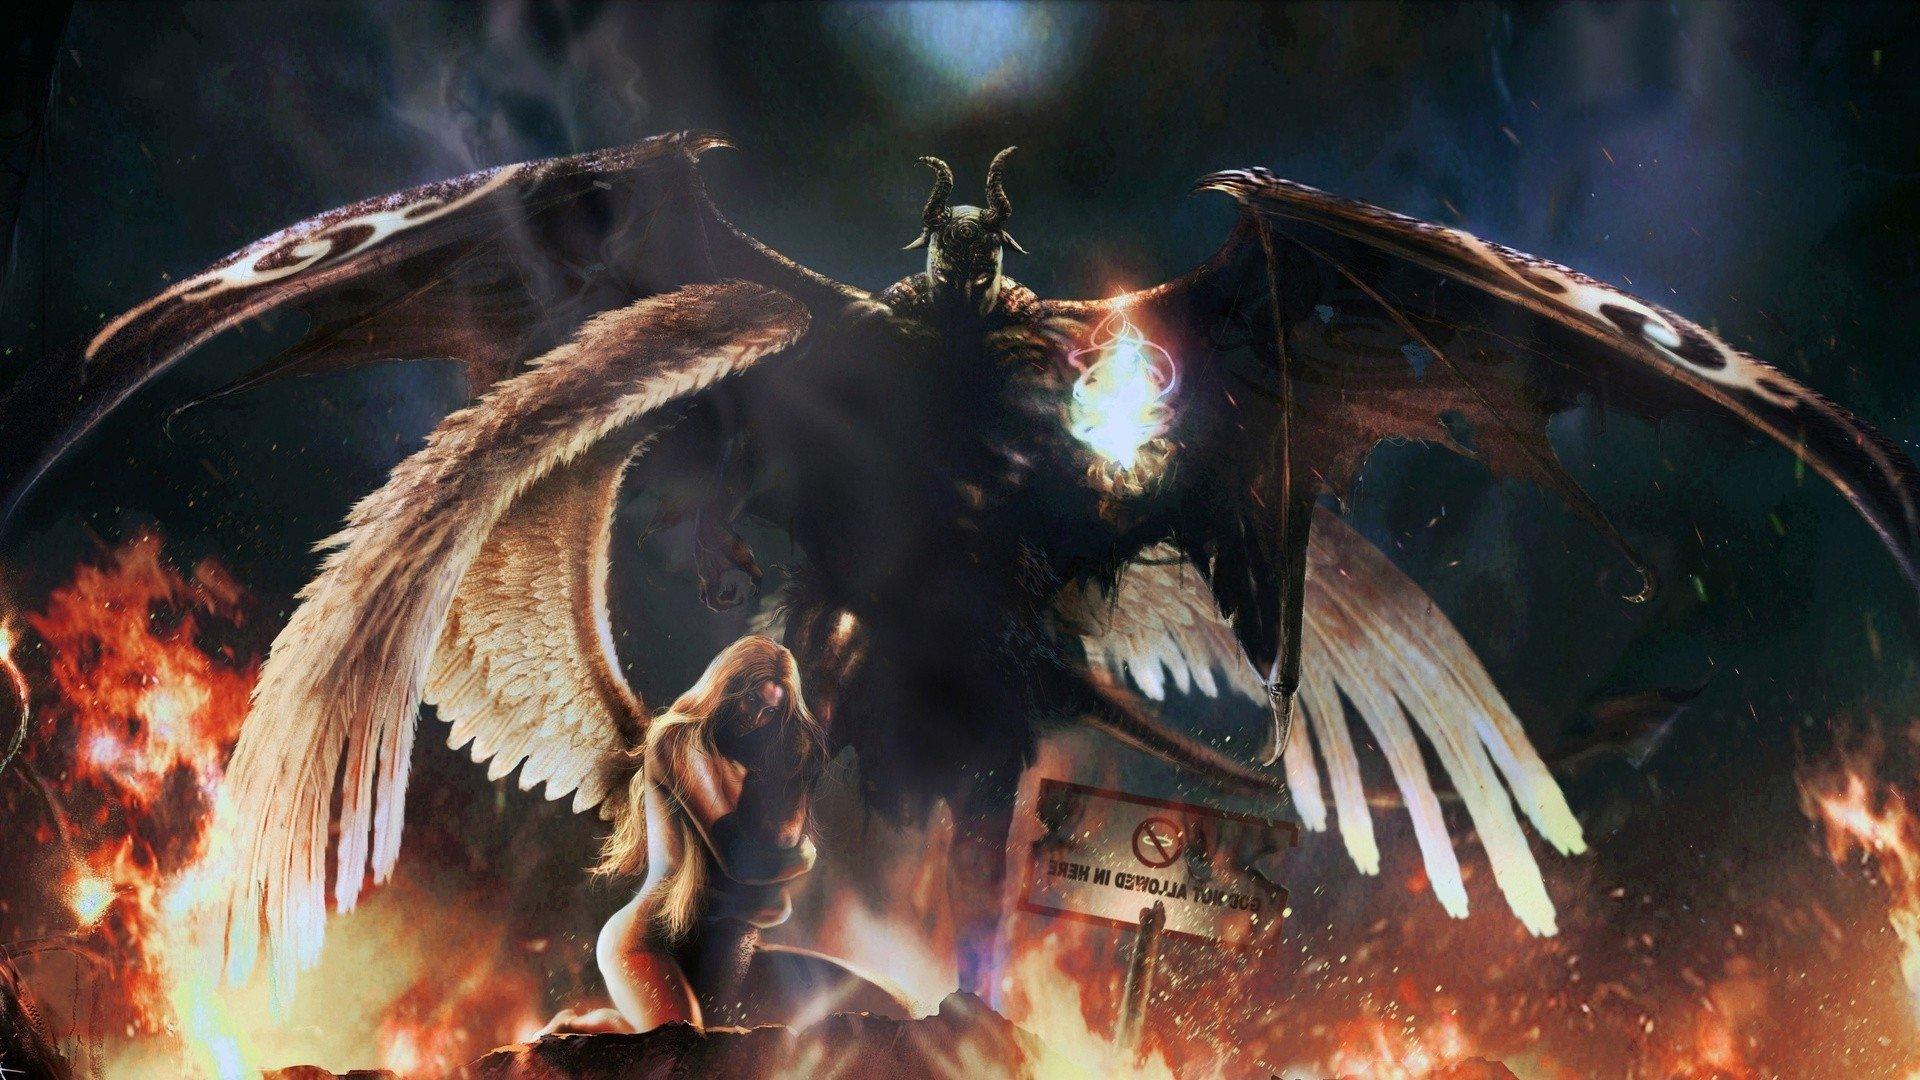 Wings Of Fire Wallpaper Full HD